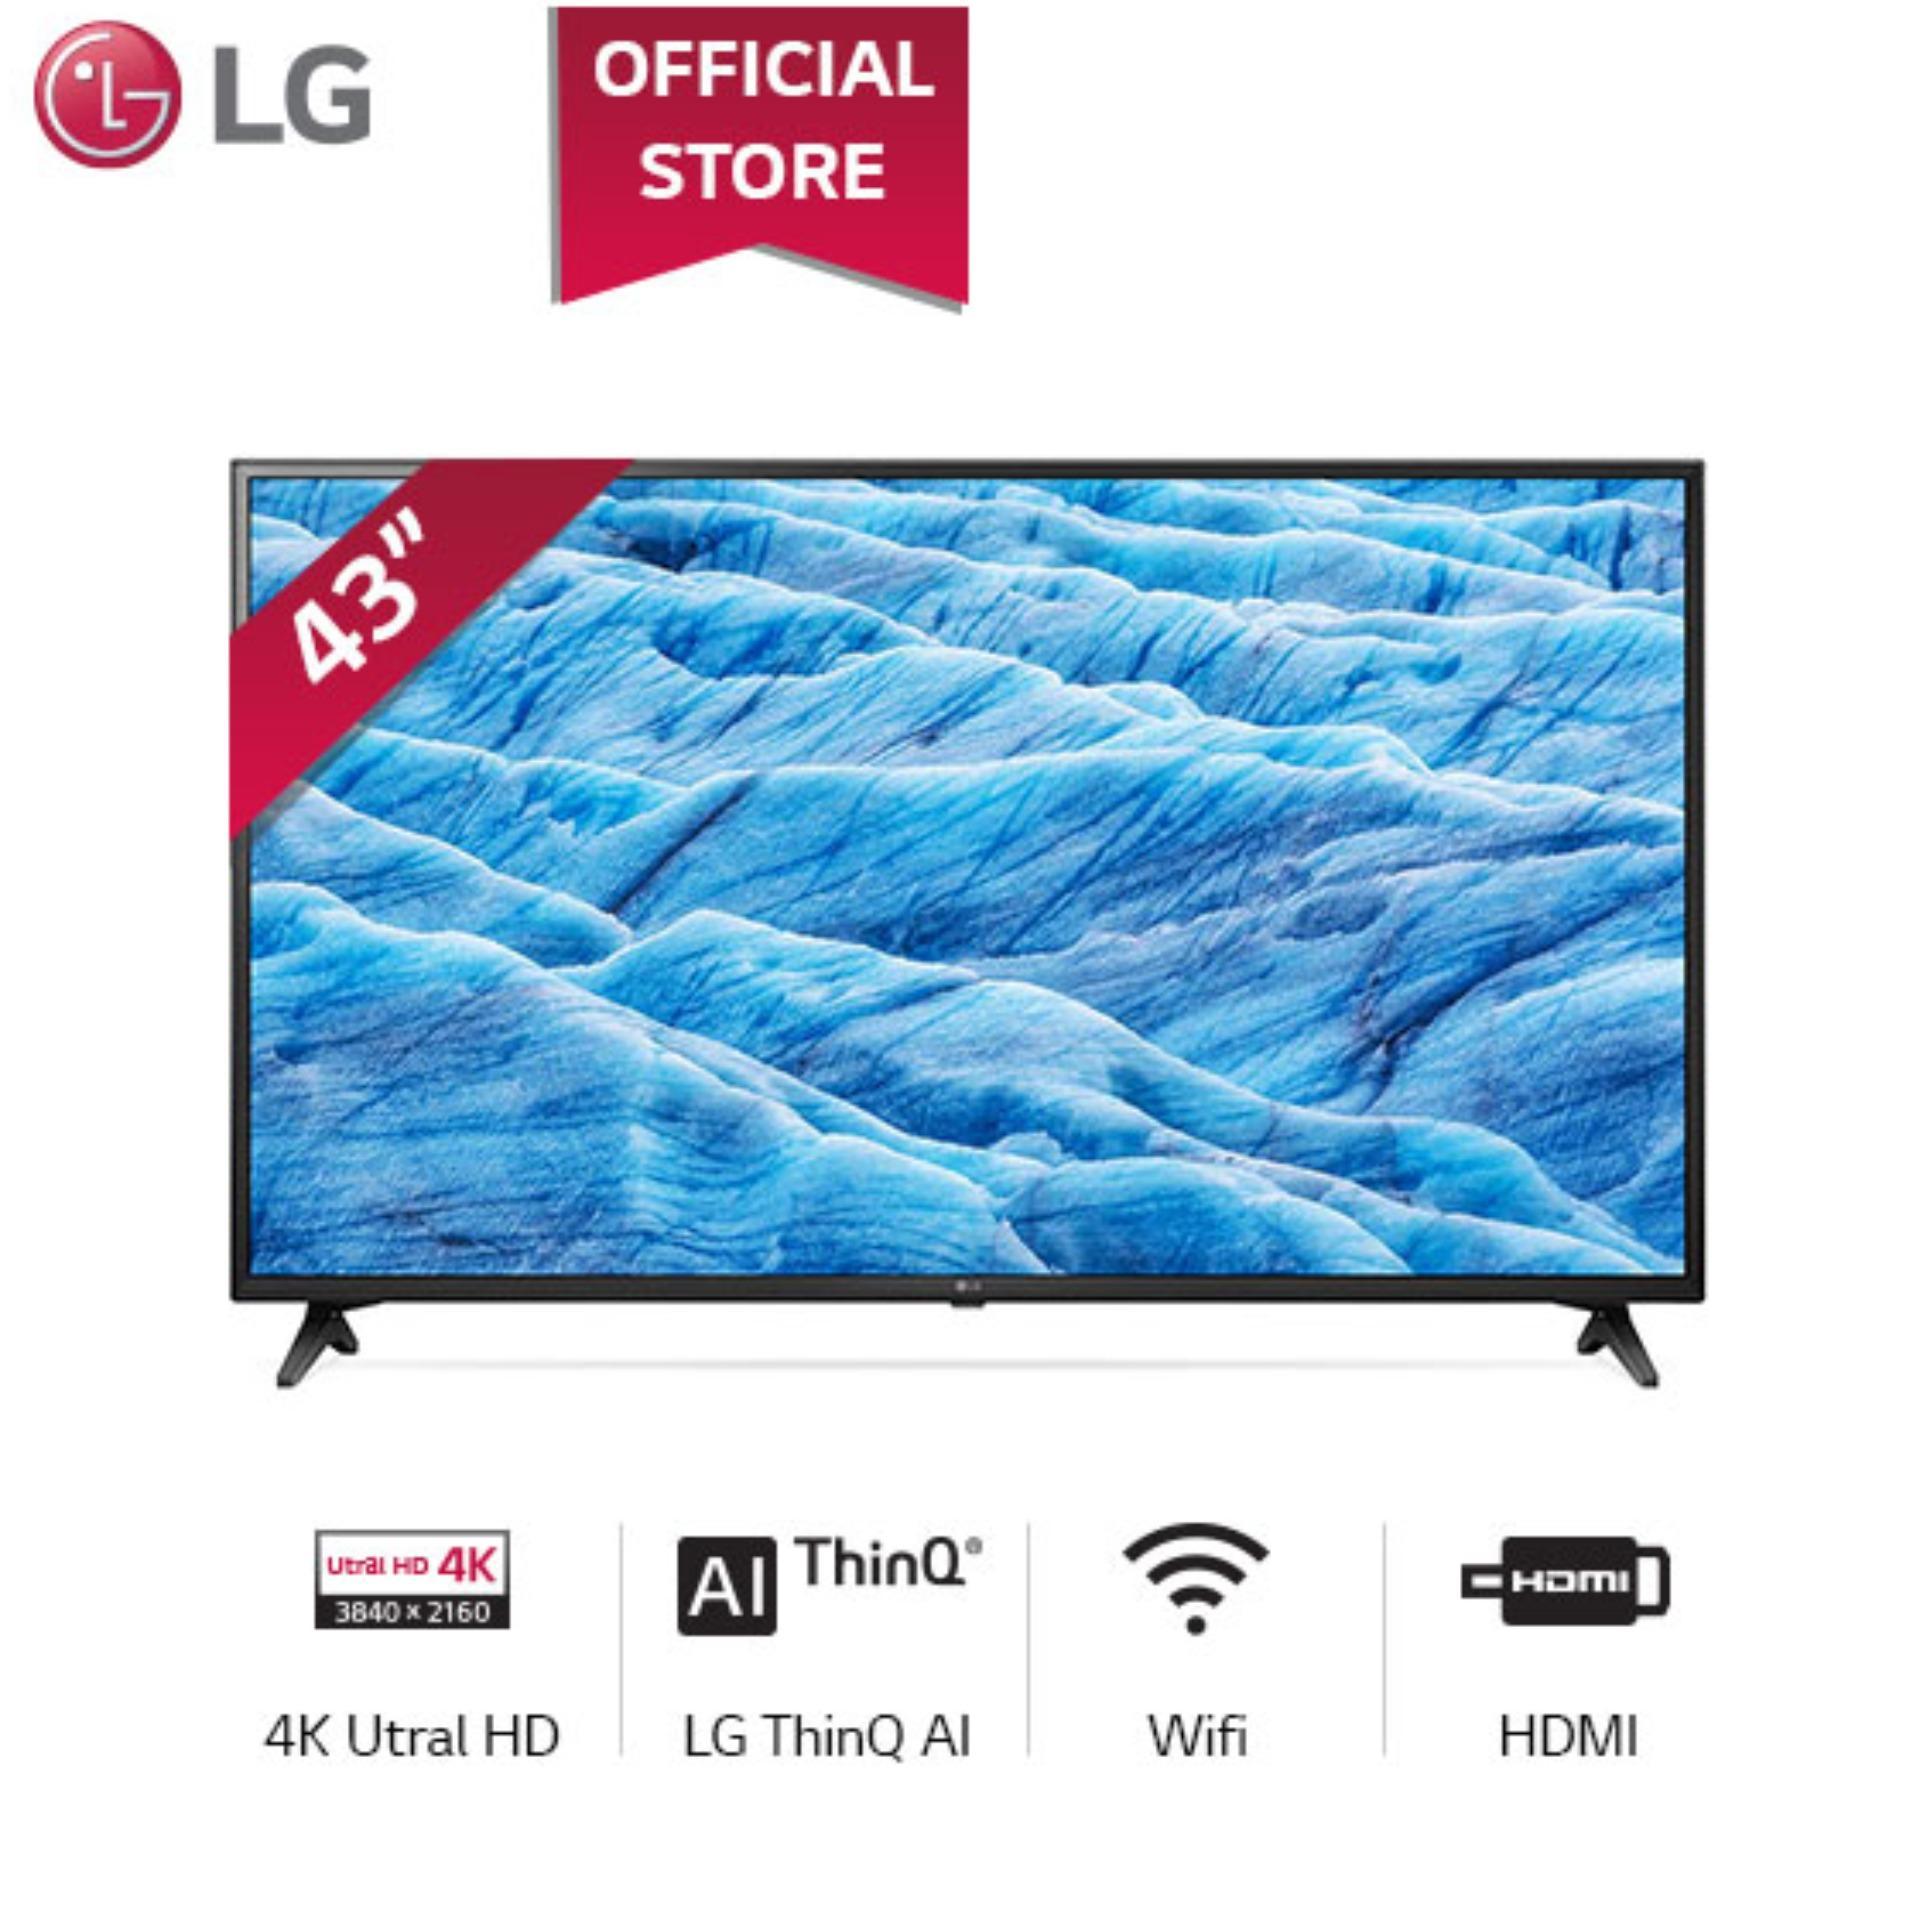 Smart TV LG 43inch 4K UHD - Model 43UM7100PTA (2019) độ phân giải 3840x2160 hệ điều hành webOS 4.0 trí...